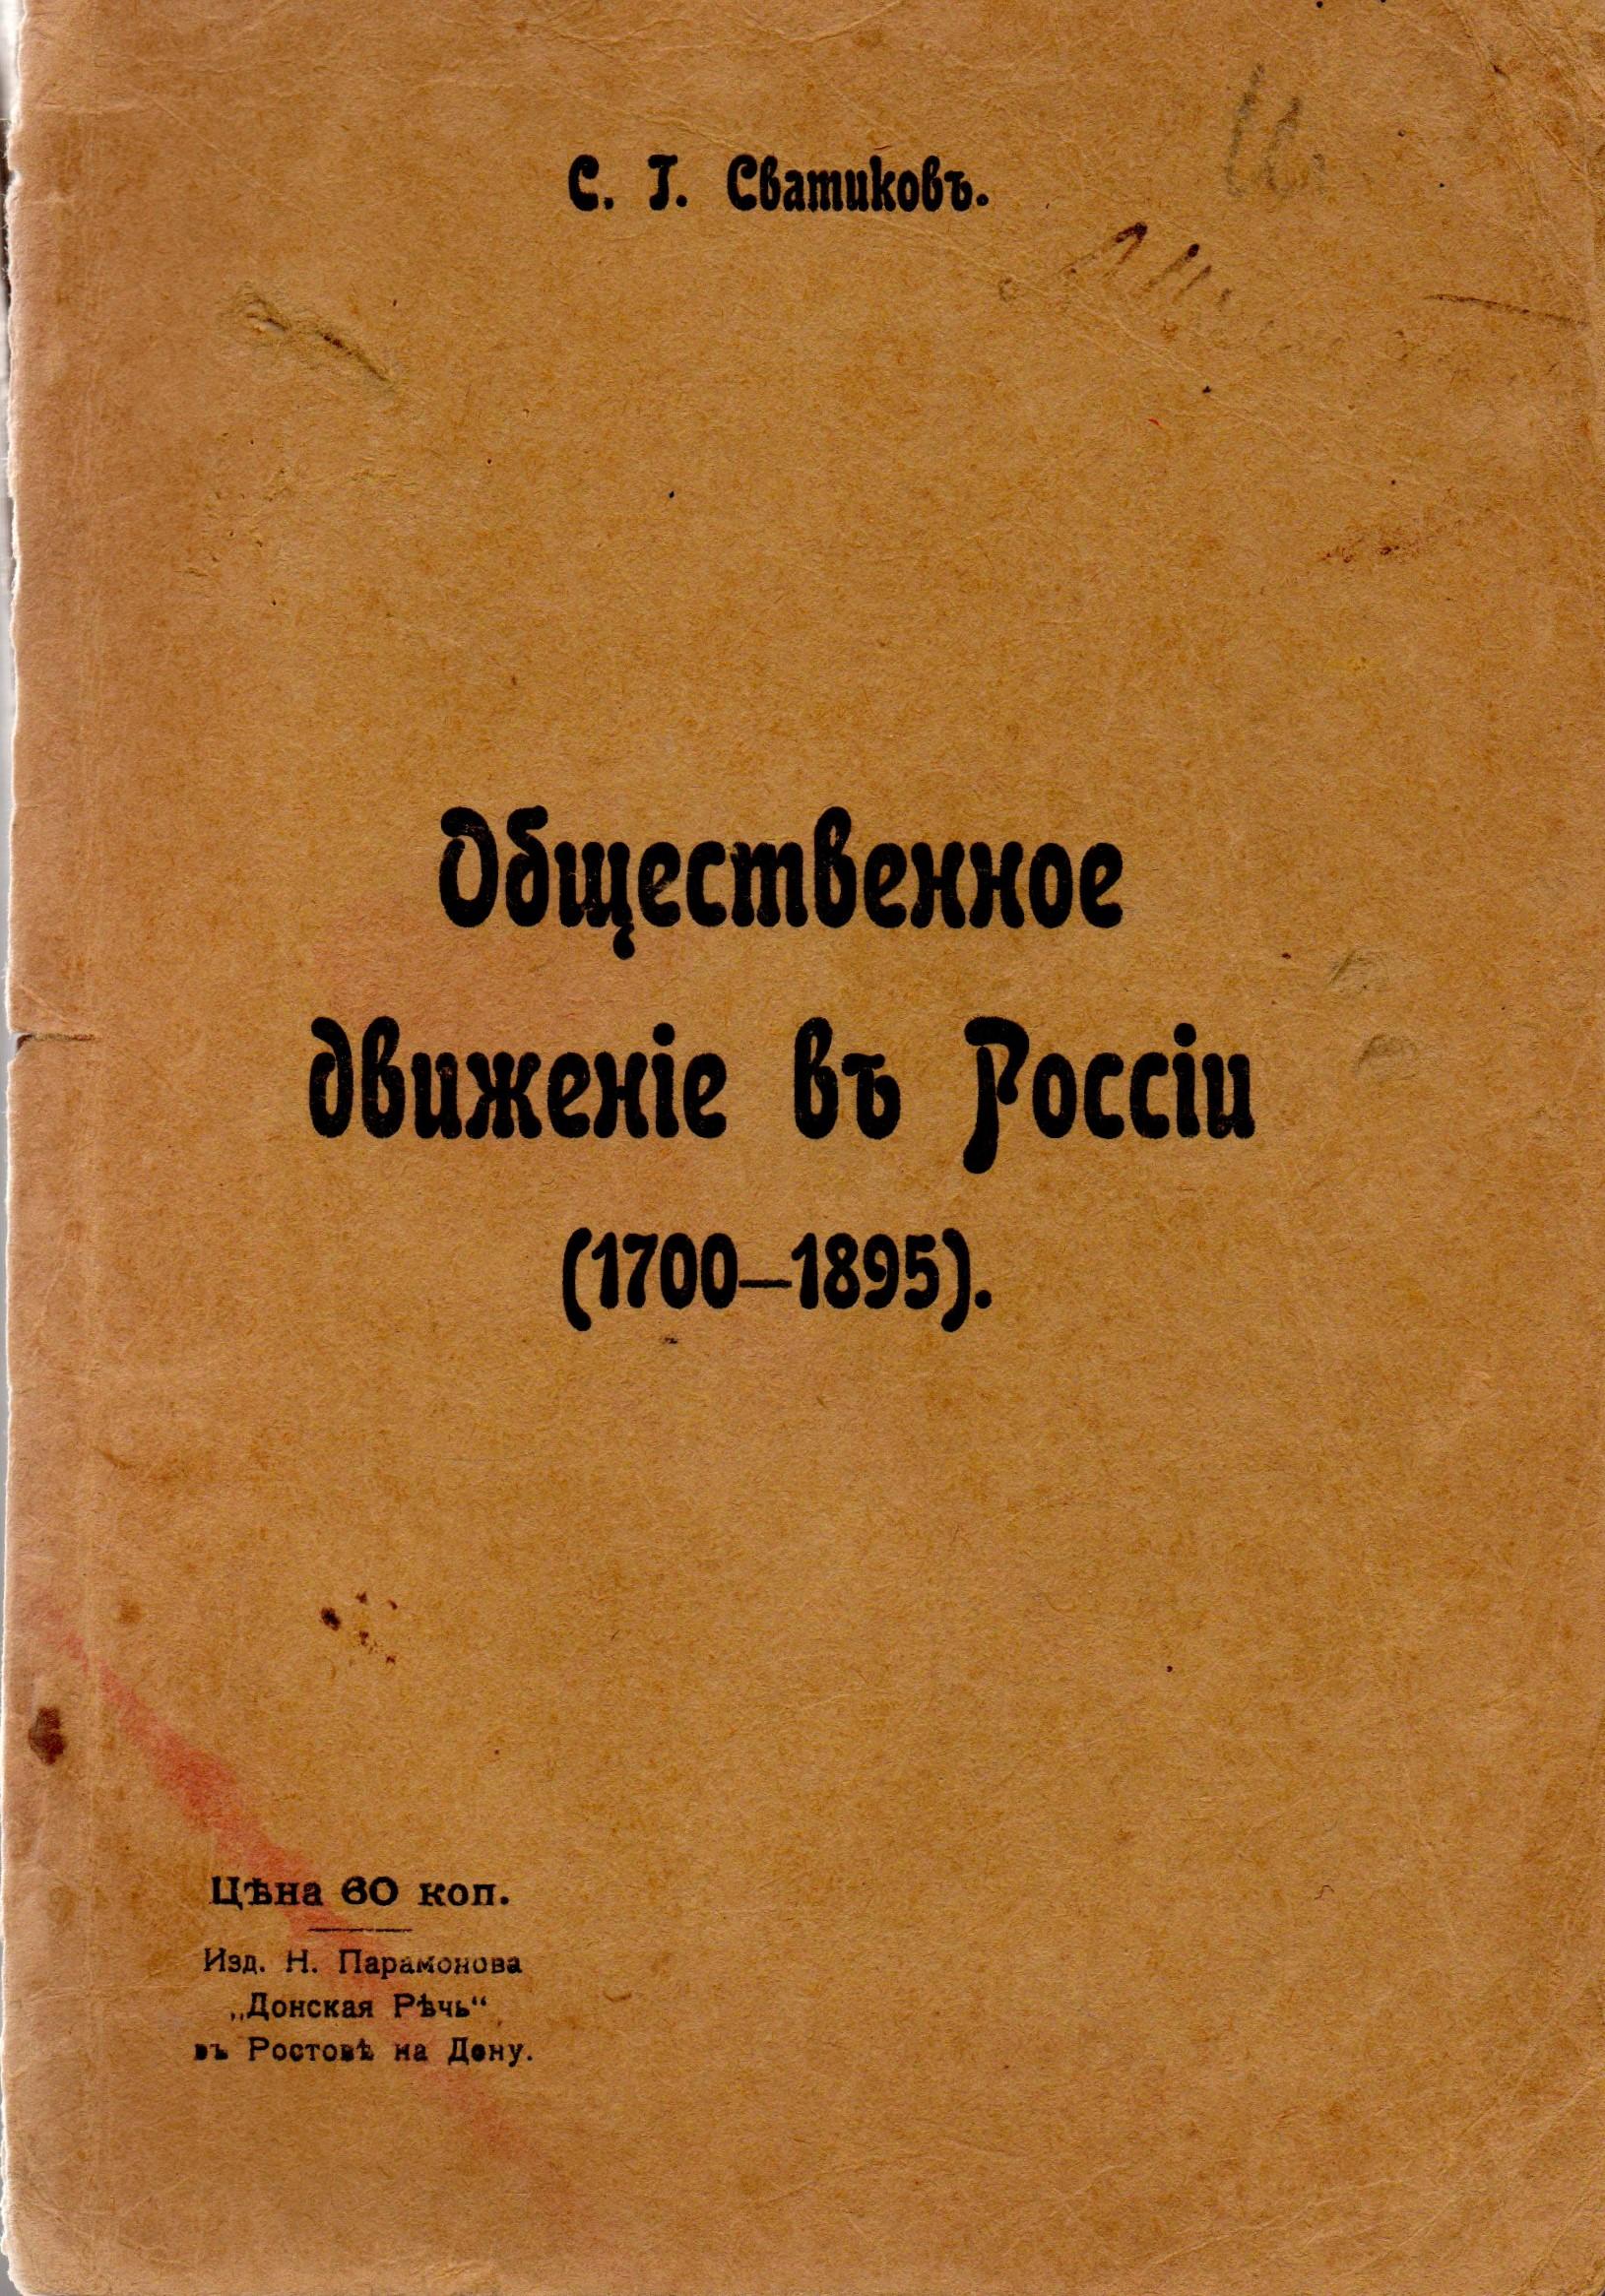 """Книга """"Сватиковъ С. Г. """"Общественное движеніе въ Россіи (1700-1895)"""""""